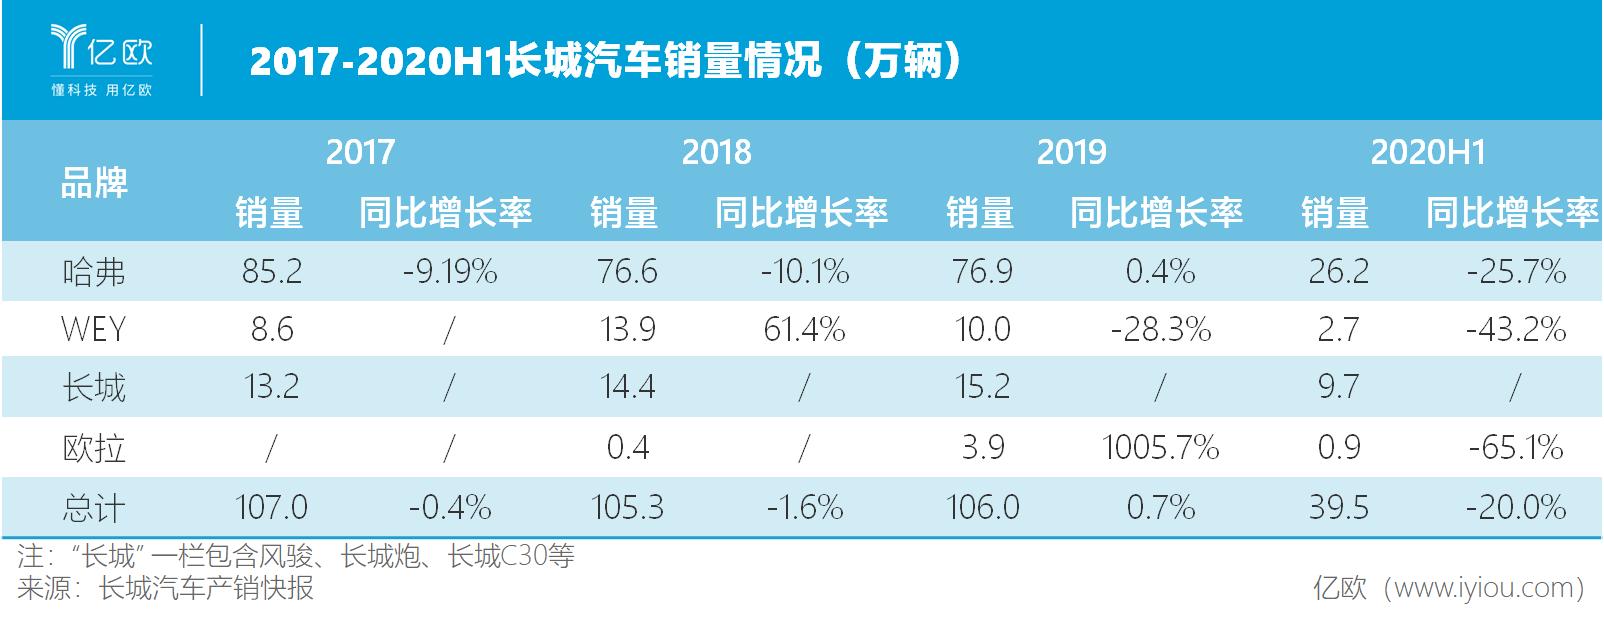 2017-2020H1长城汽车销量情况(万辆))